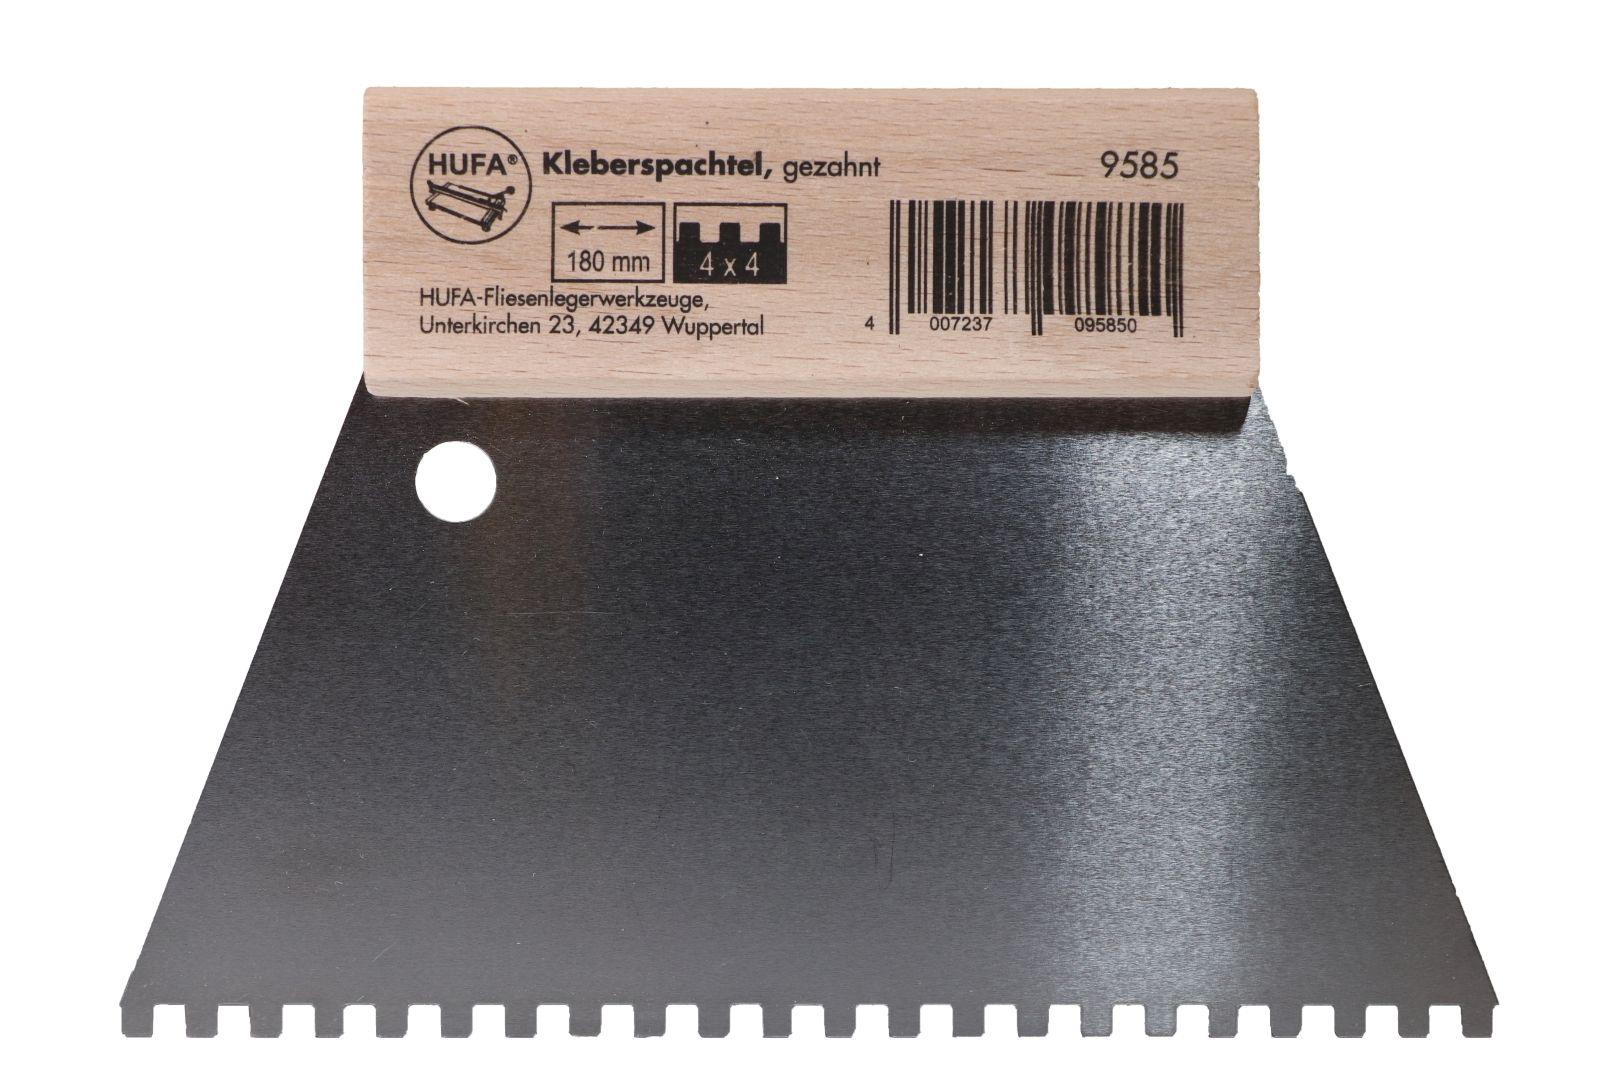 HUFA Leimspachtel, Klebespachtel, Kleberspachtel, Blattbreite 180 mm, Zahnung 4 x 4 mm